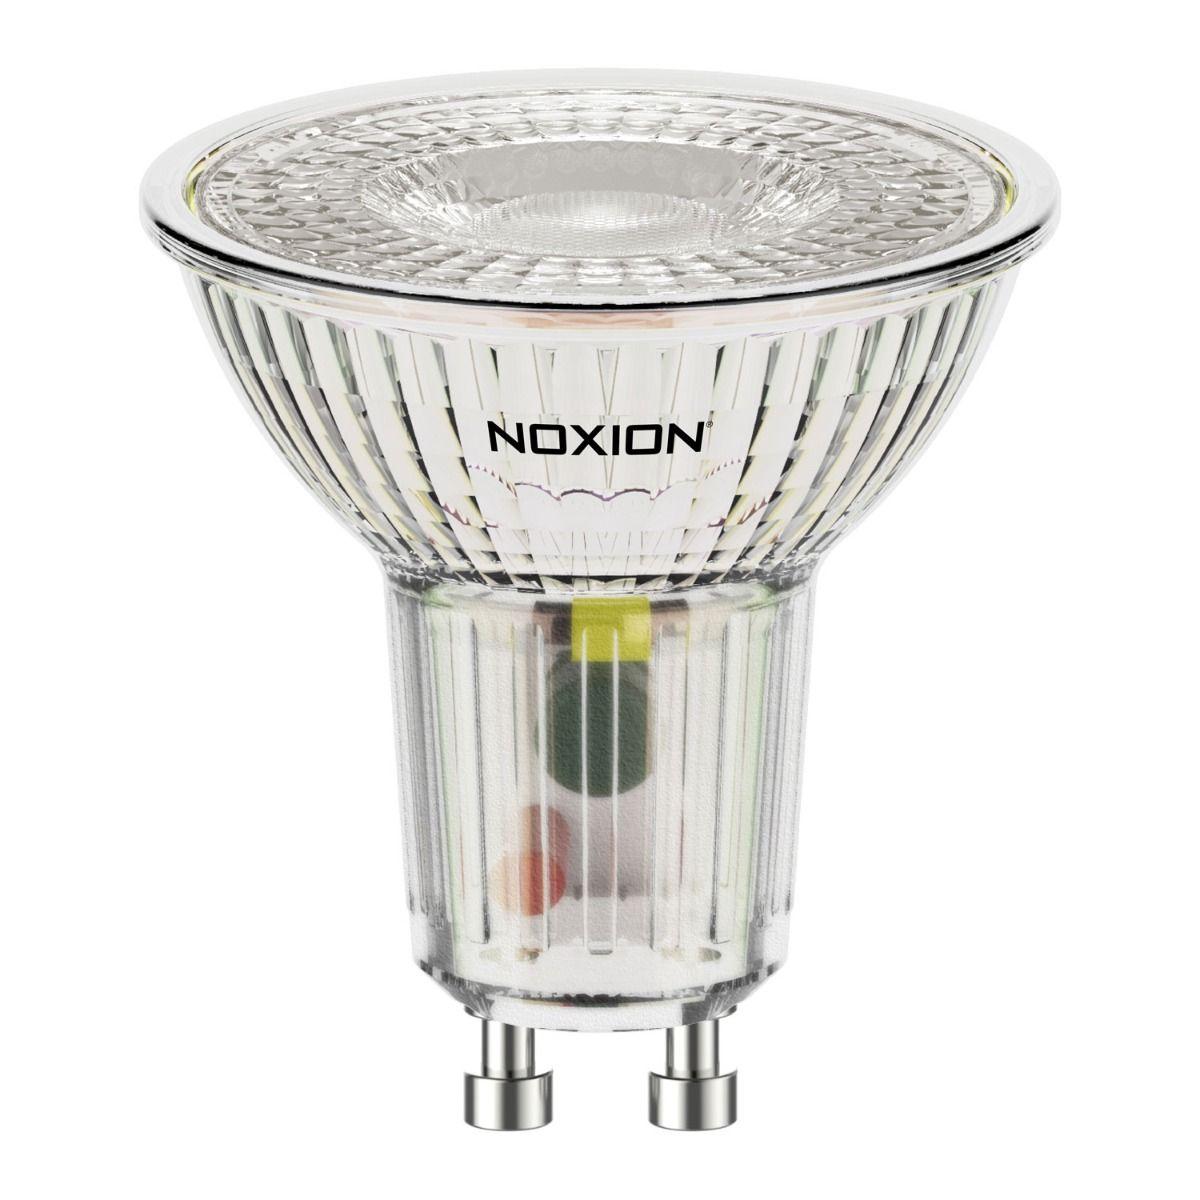 Noxion LED spot GU10 3.7W 830 36D 260lm | varm hvid - erstatter 35W